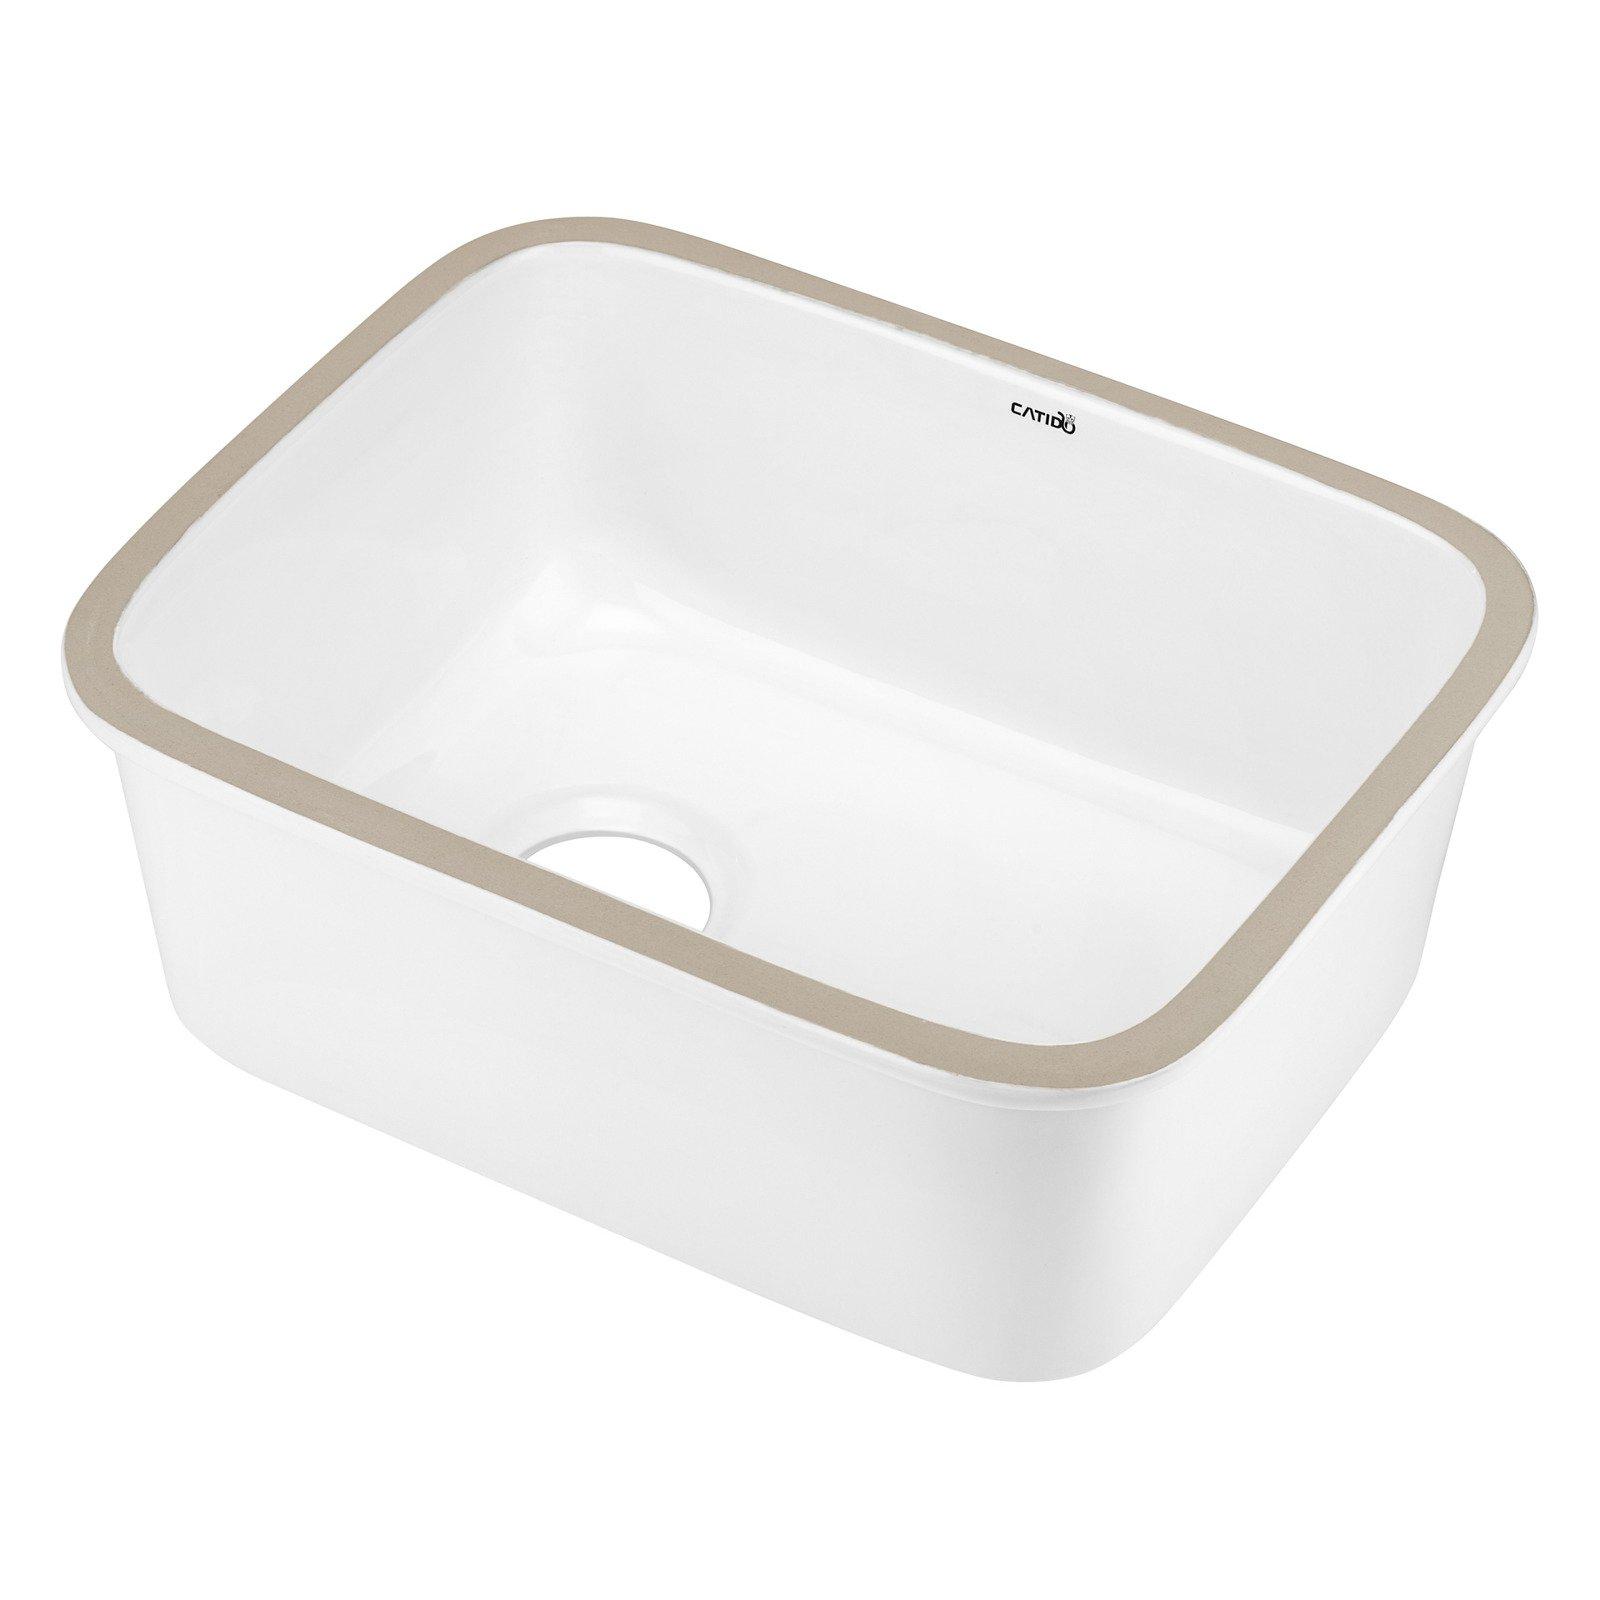 Zlewozmywak Kuchenny Ceramiczny Jednokomorowy Podwieszany Biały Catido Nova Sl55 55 Cm